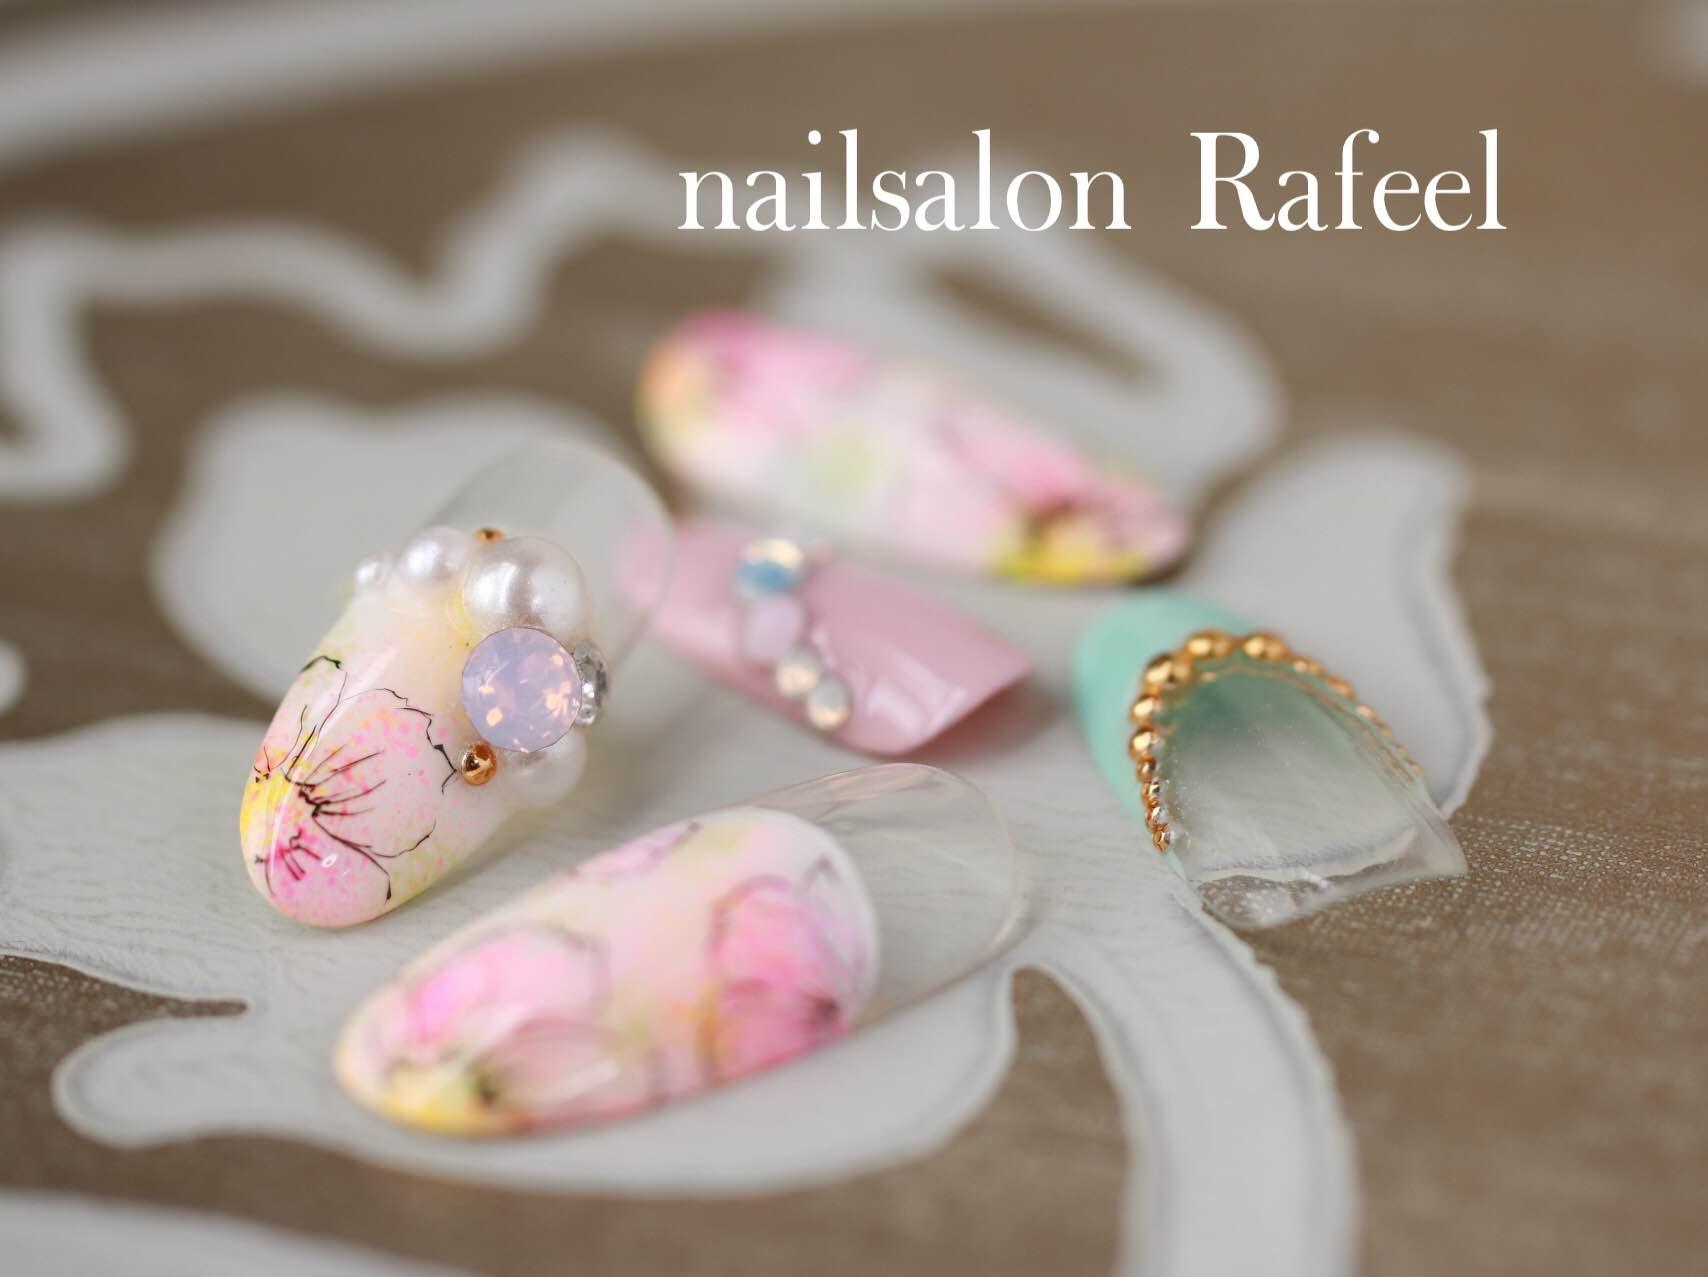 NailSalon Rafeelのネイル